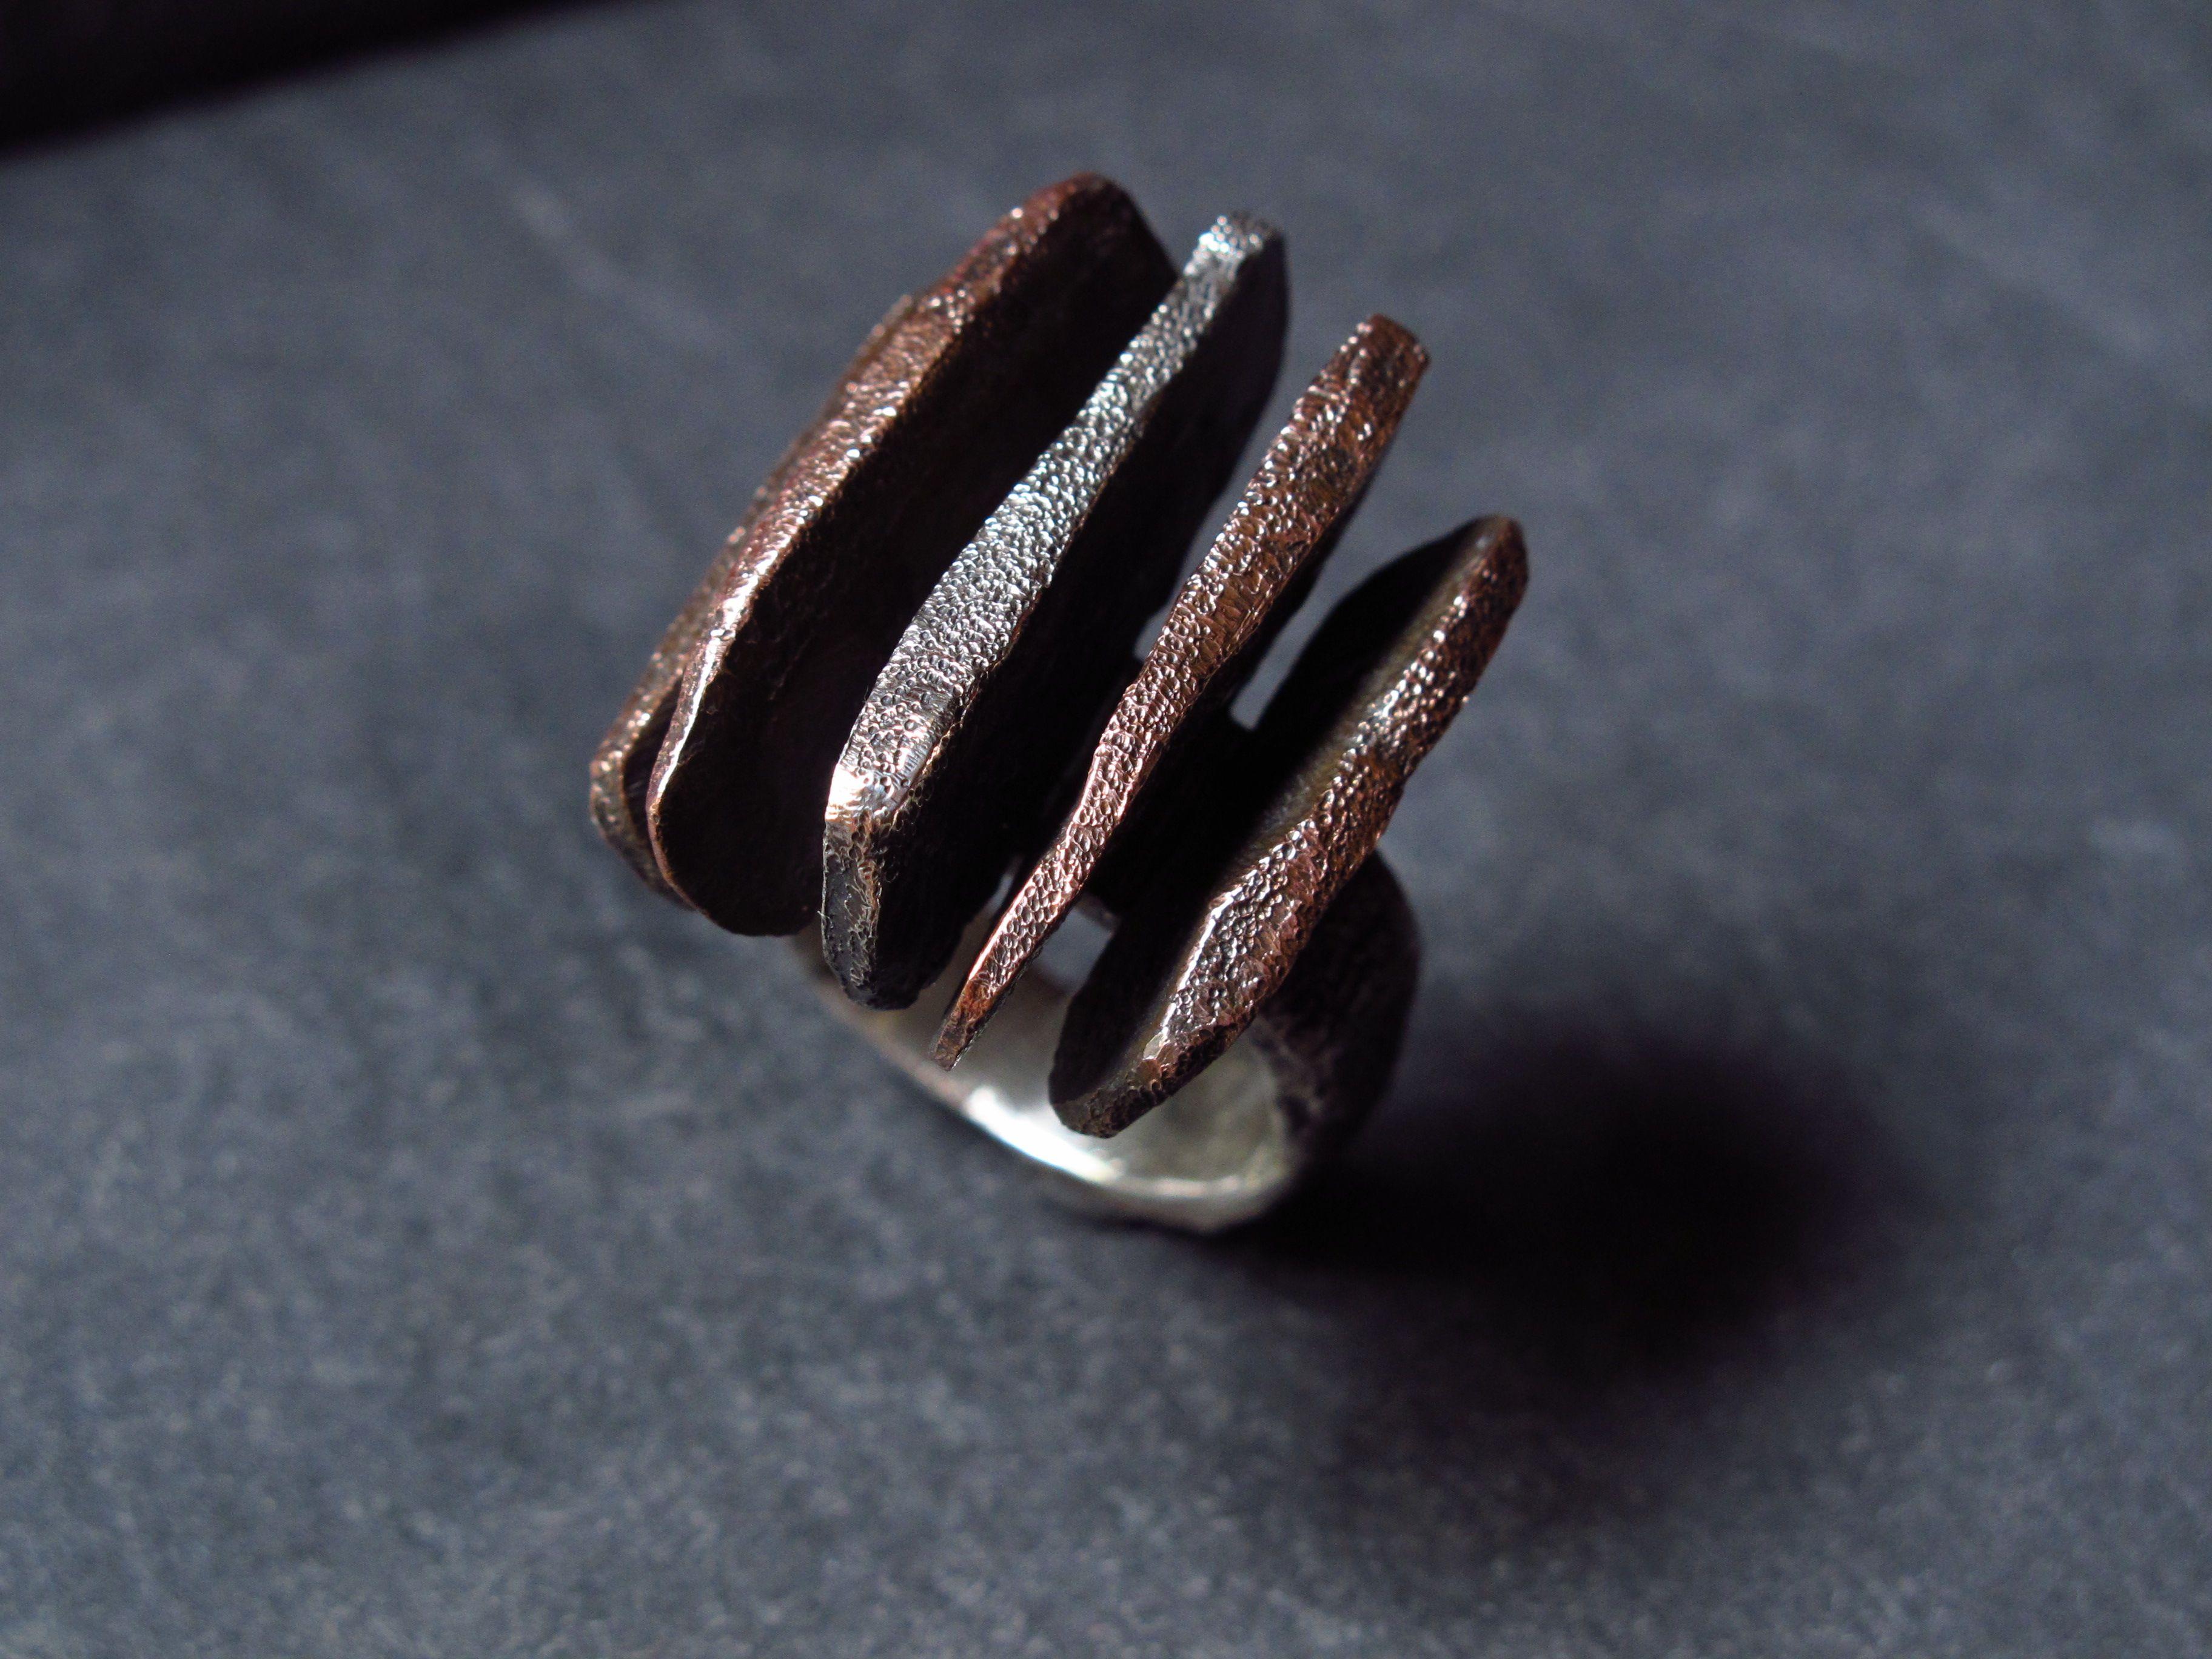 Anello in argento e rame. Dettagli per l'acquisto: https://www.etsy.com/it/listing/489956565/anello-realizzato-in-argento-925-e-rame?ref=shop_home_active_3